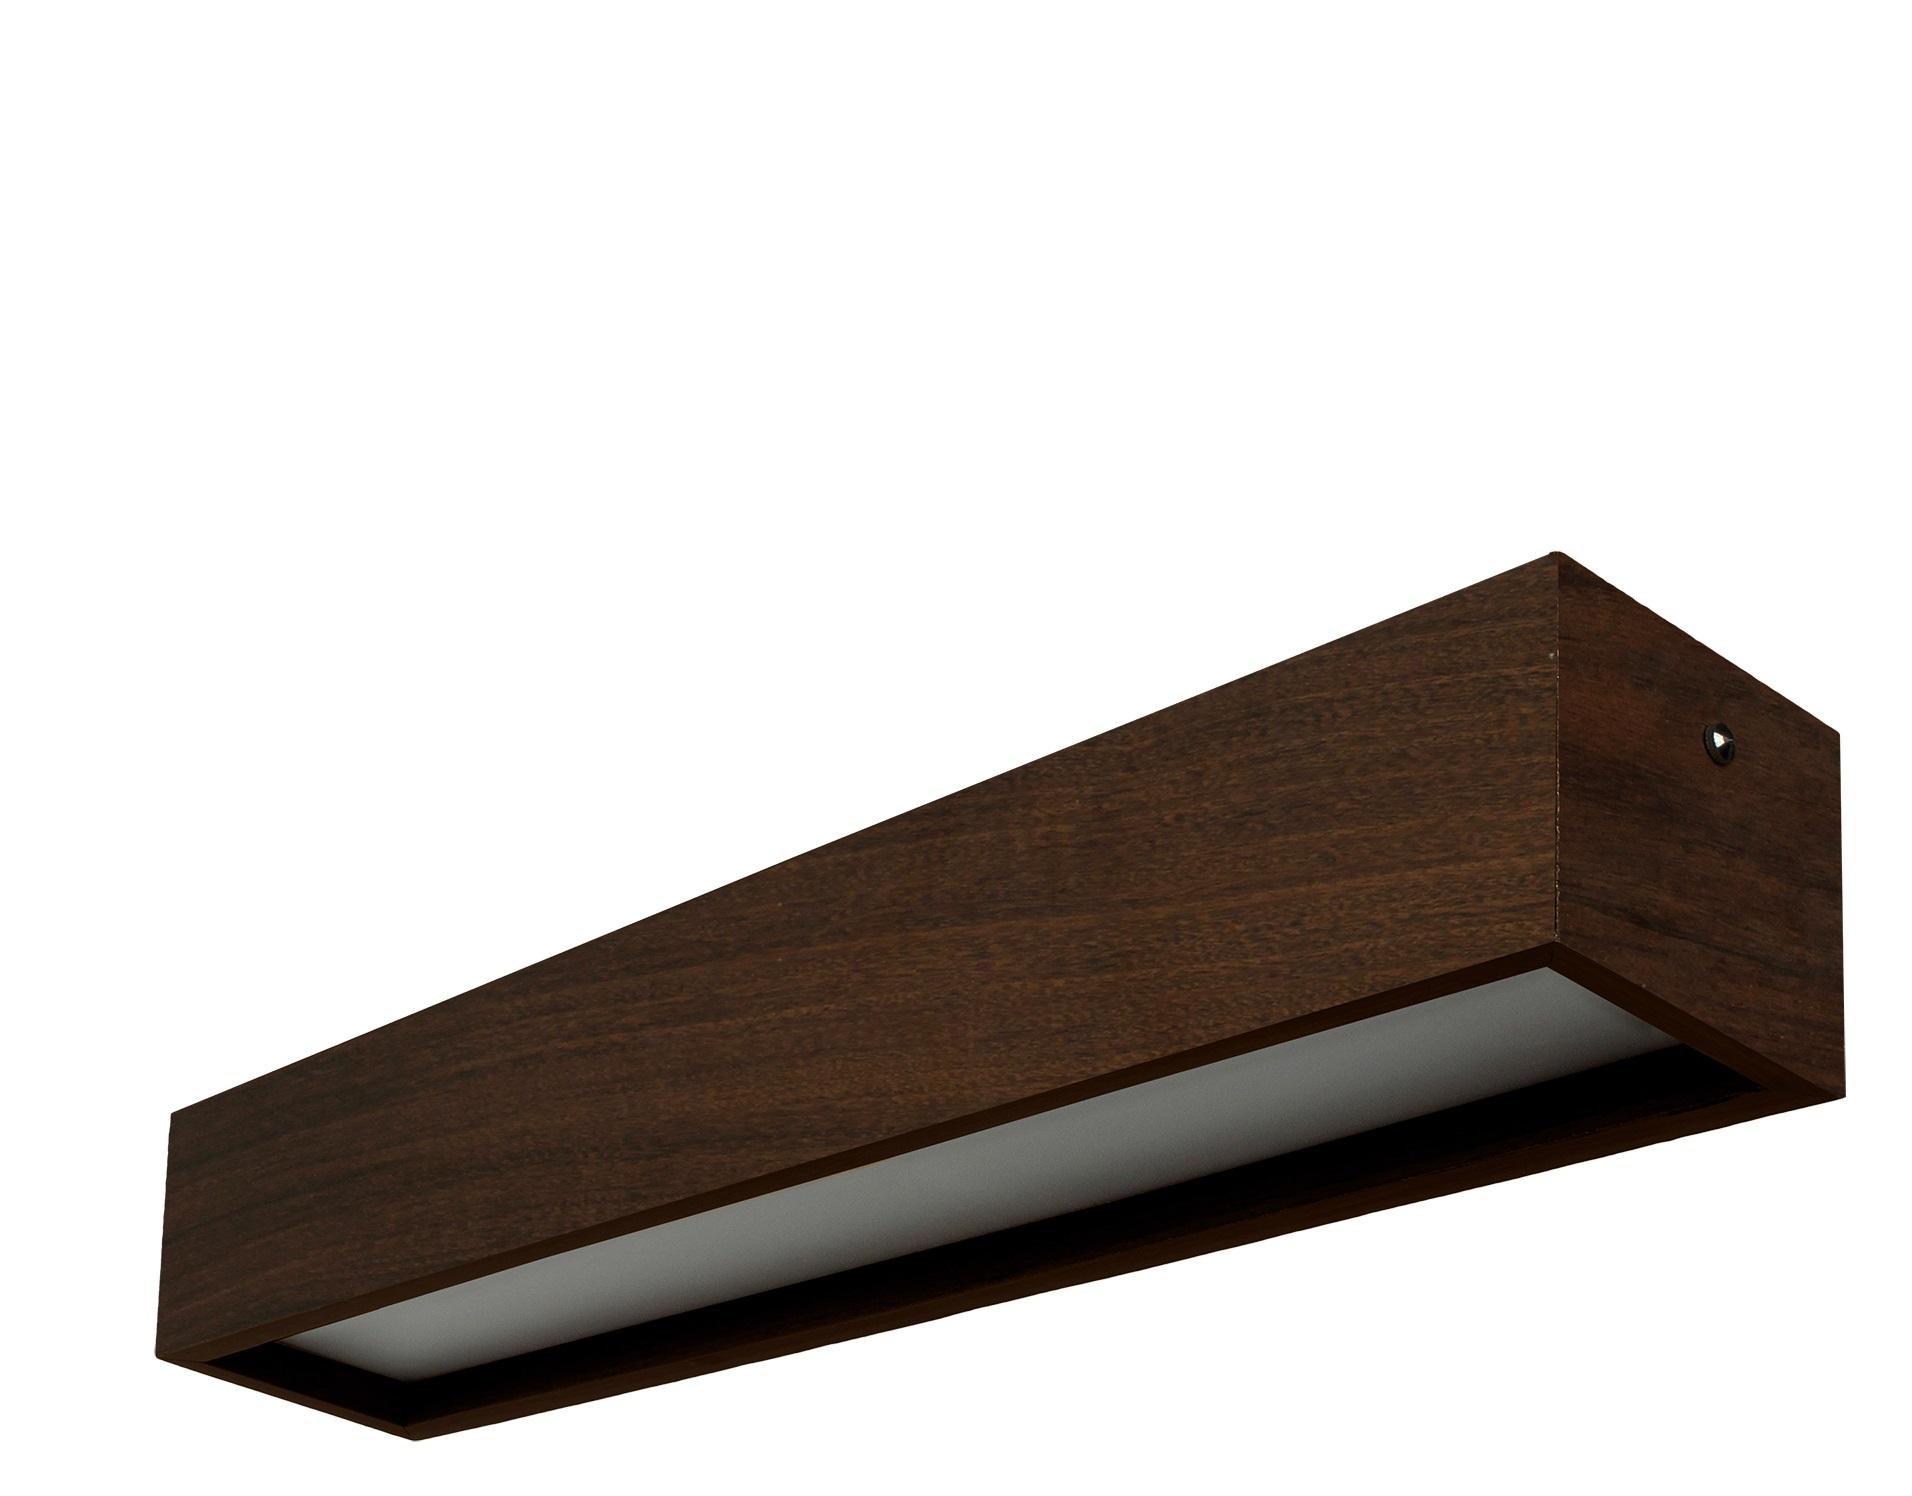 Plafon Madeira Wood Retângular 60x10cm - 1 ou 2 luzes G12